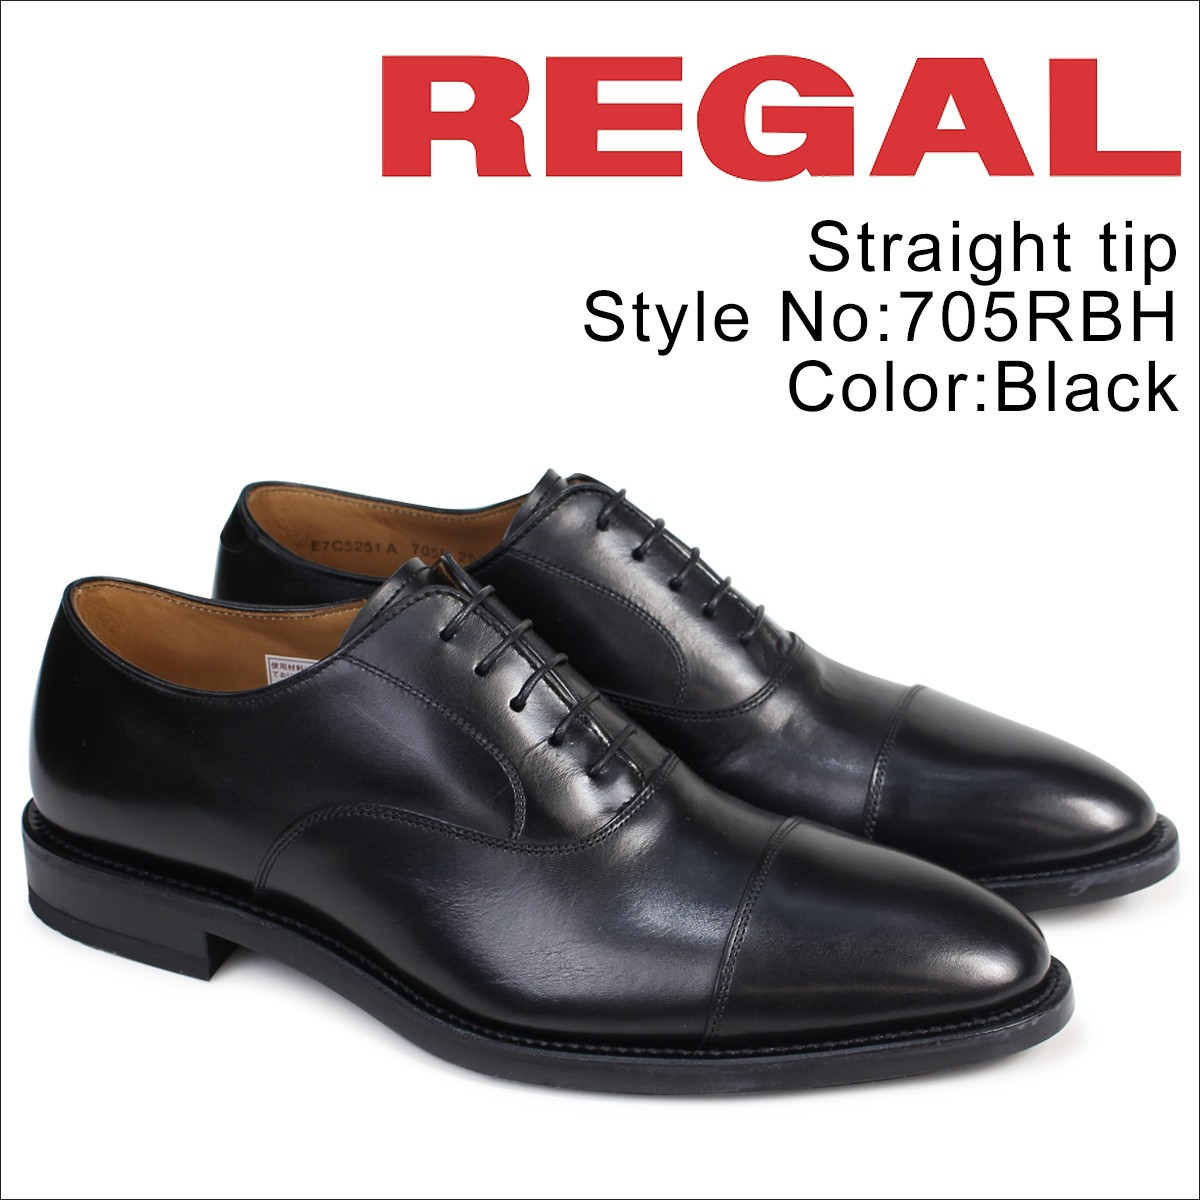 リーガル 靴 メンズ REGAL ストレートチップ 705RBH ビジネスシューズ ブラック [1/20 追加入荷]